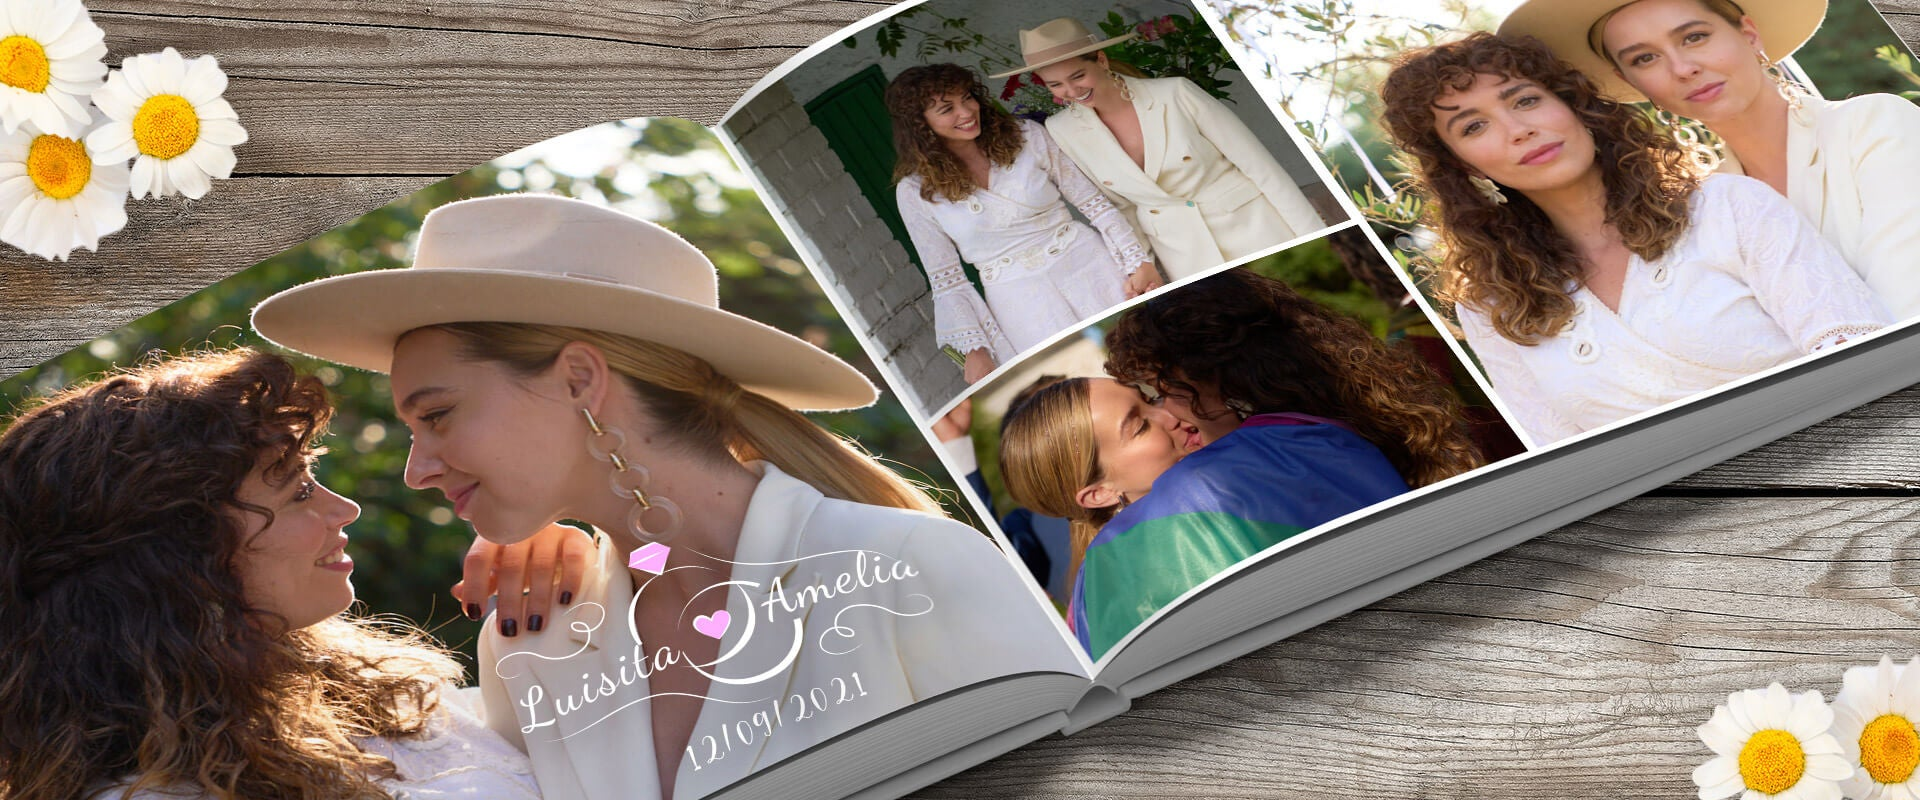 Álbum de fotos de la boda de Amelia y Luisita